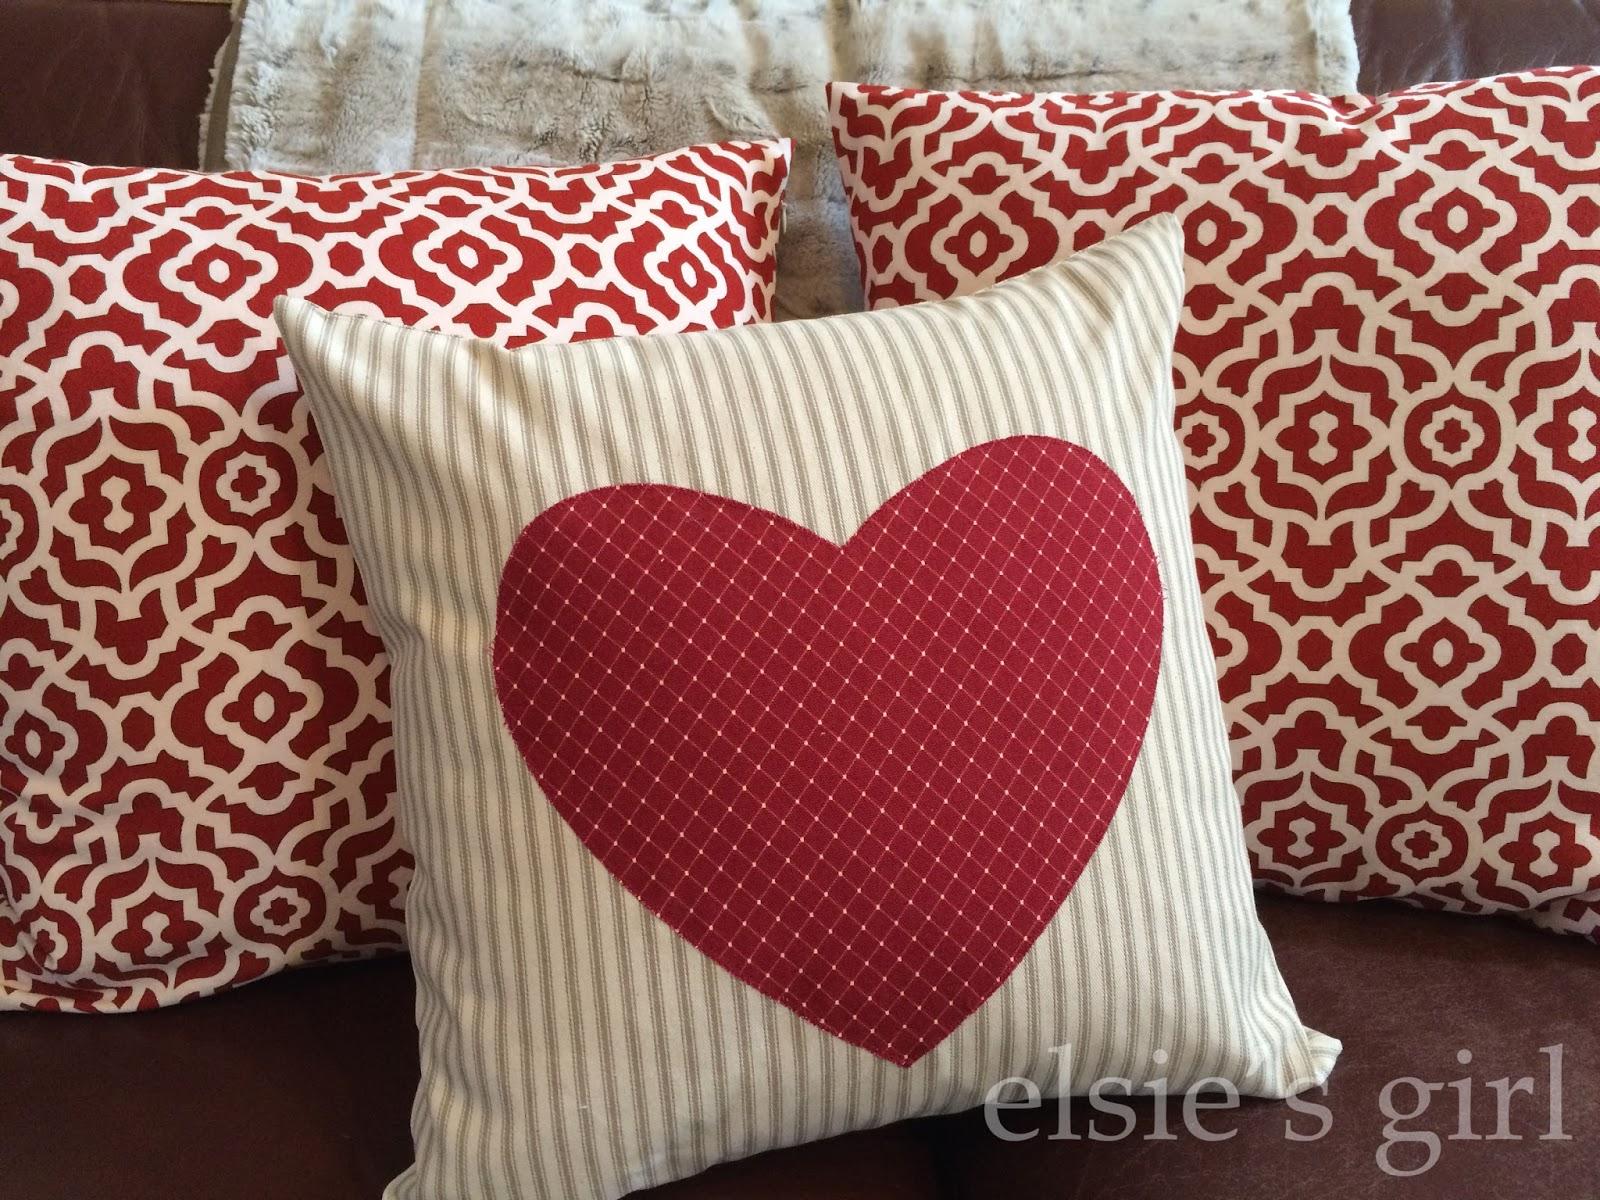 elsie's girl: valentine pillows